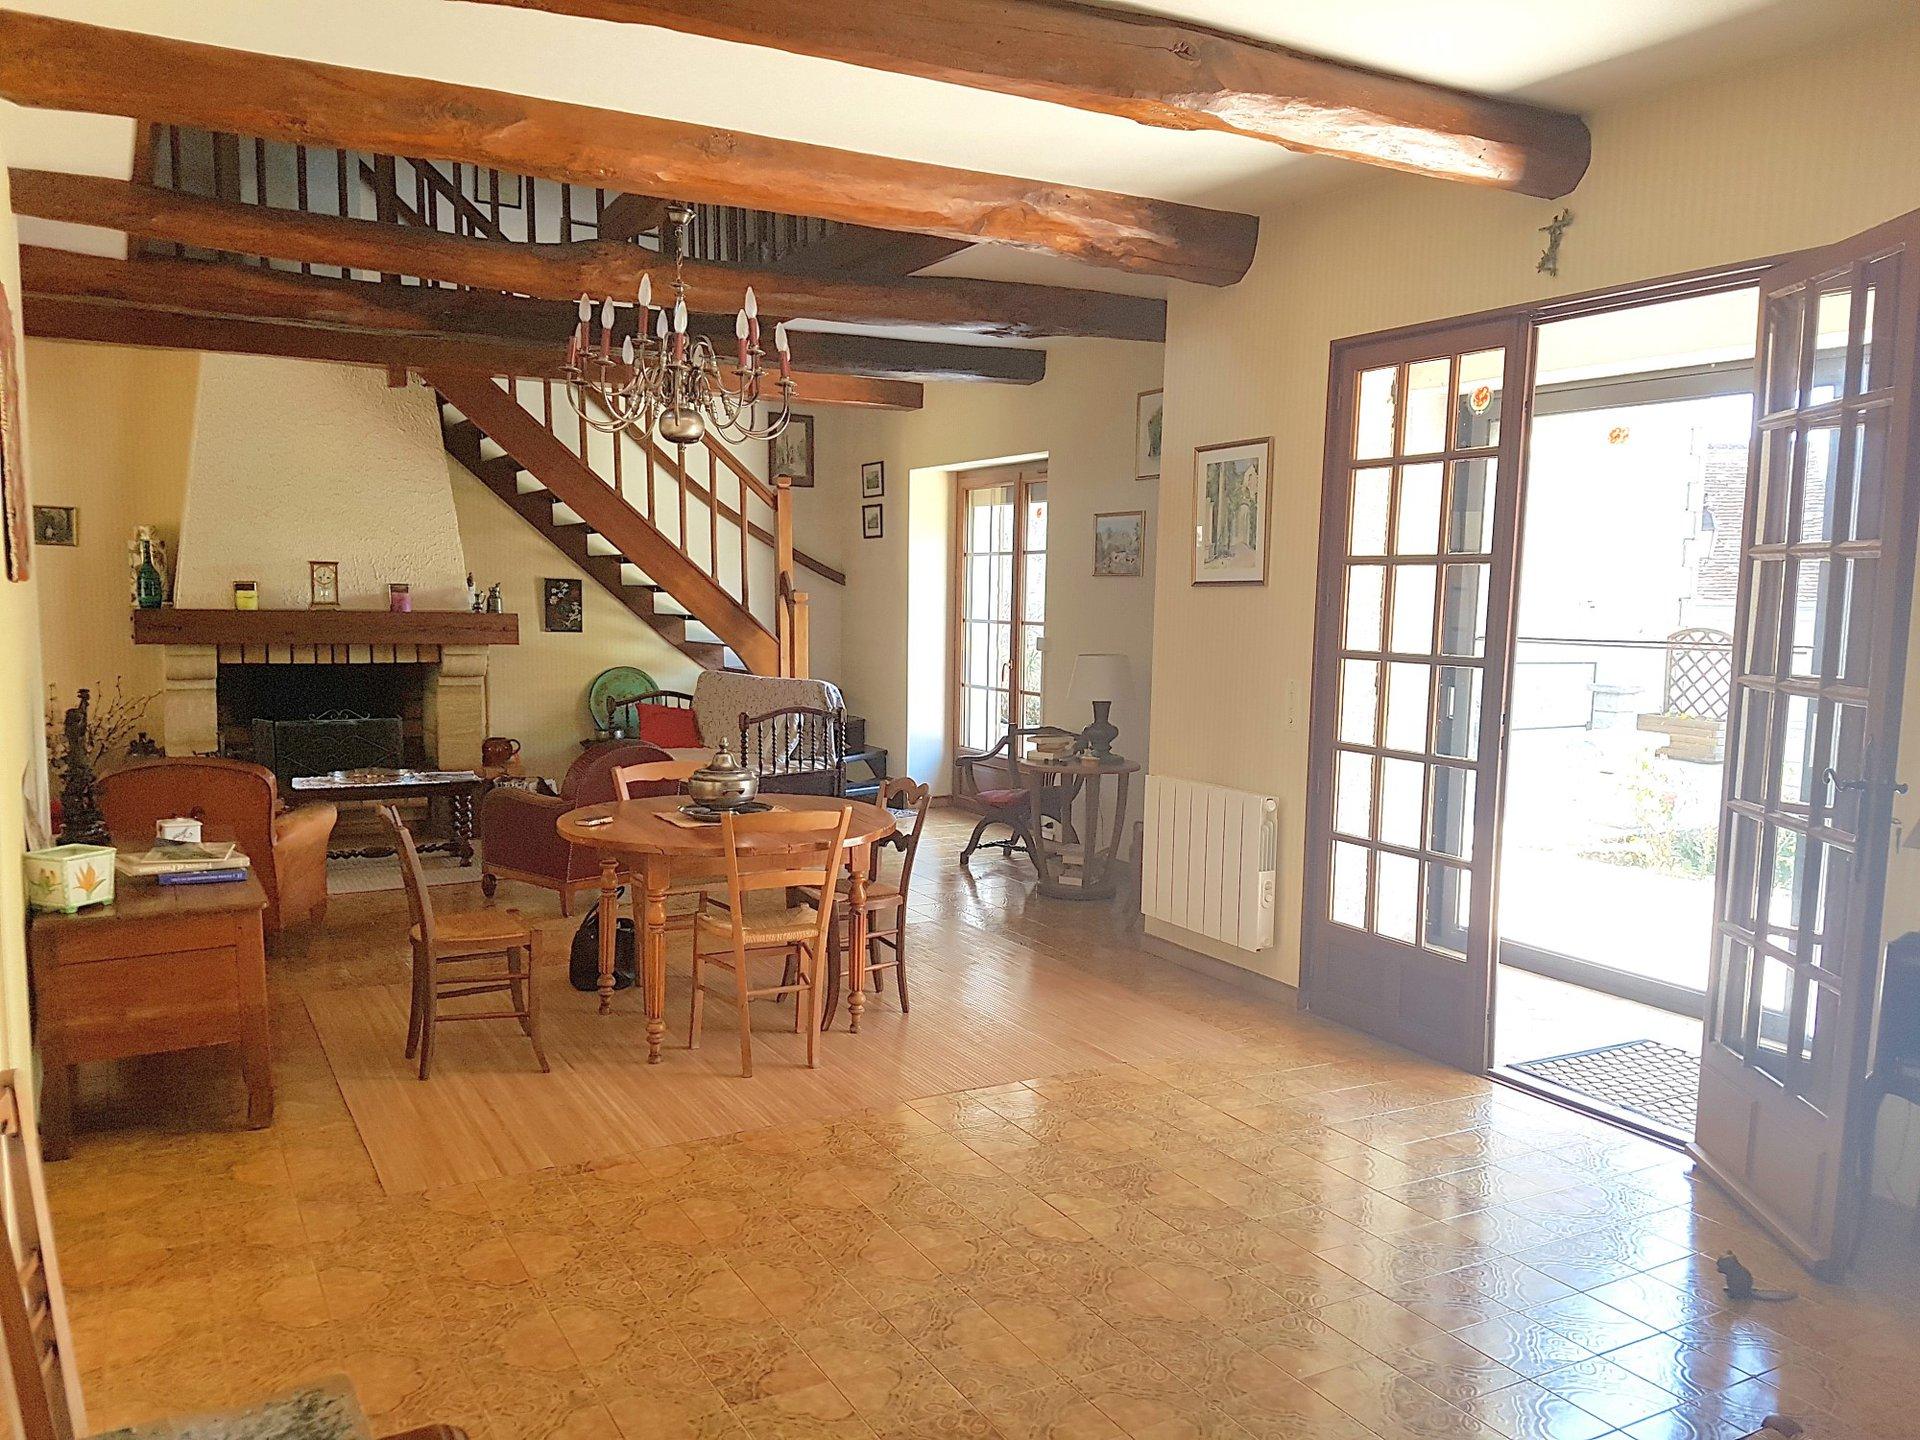 La Brenne, Indre 36: dorpswoning met garage